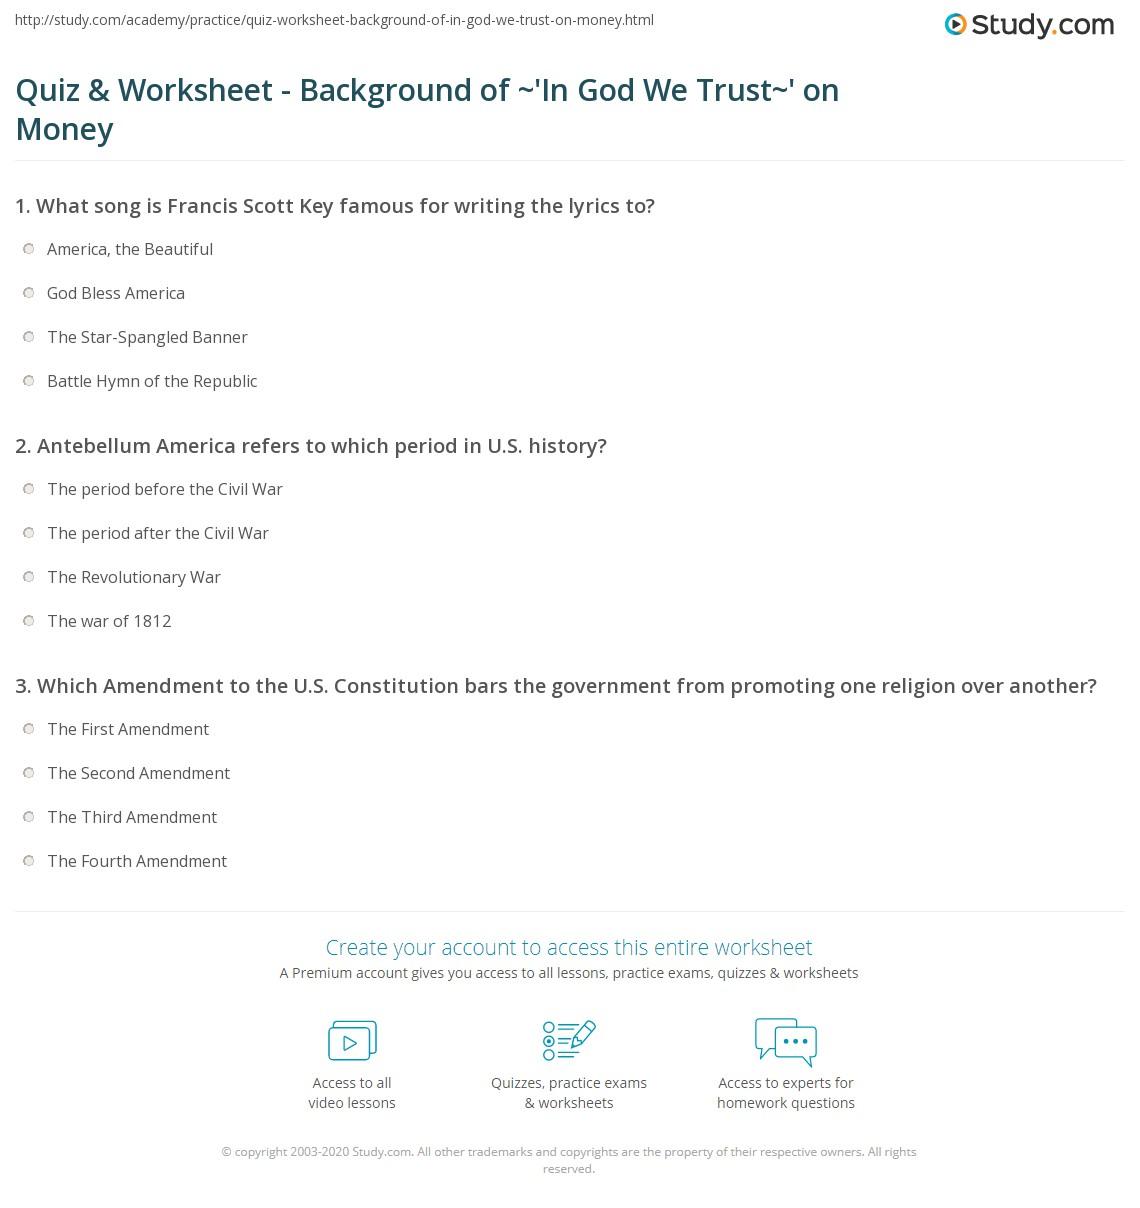 quiz worksheet background of 39 in god we trust 39 on money. Black Bedroom Furniture Sets. Home Design Ideas